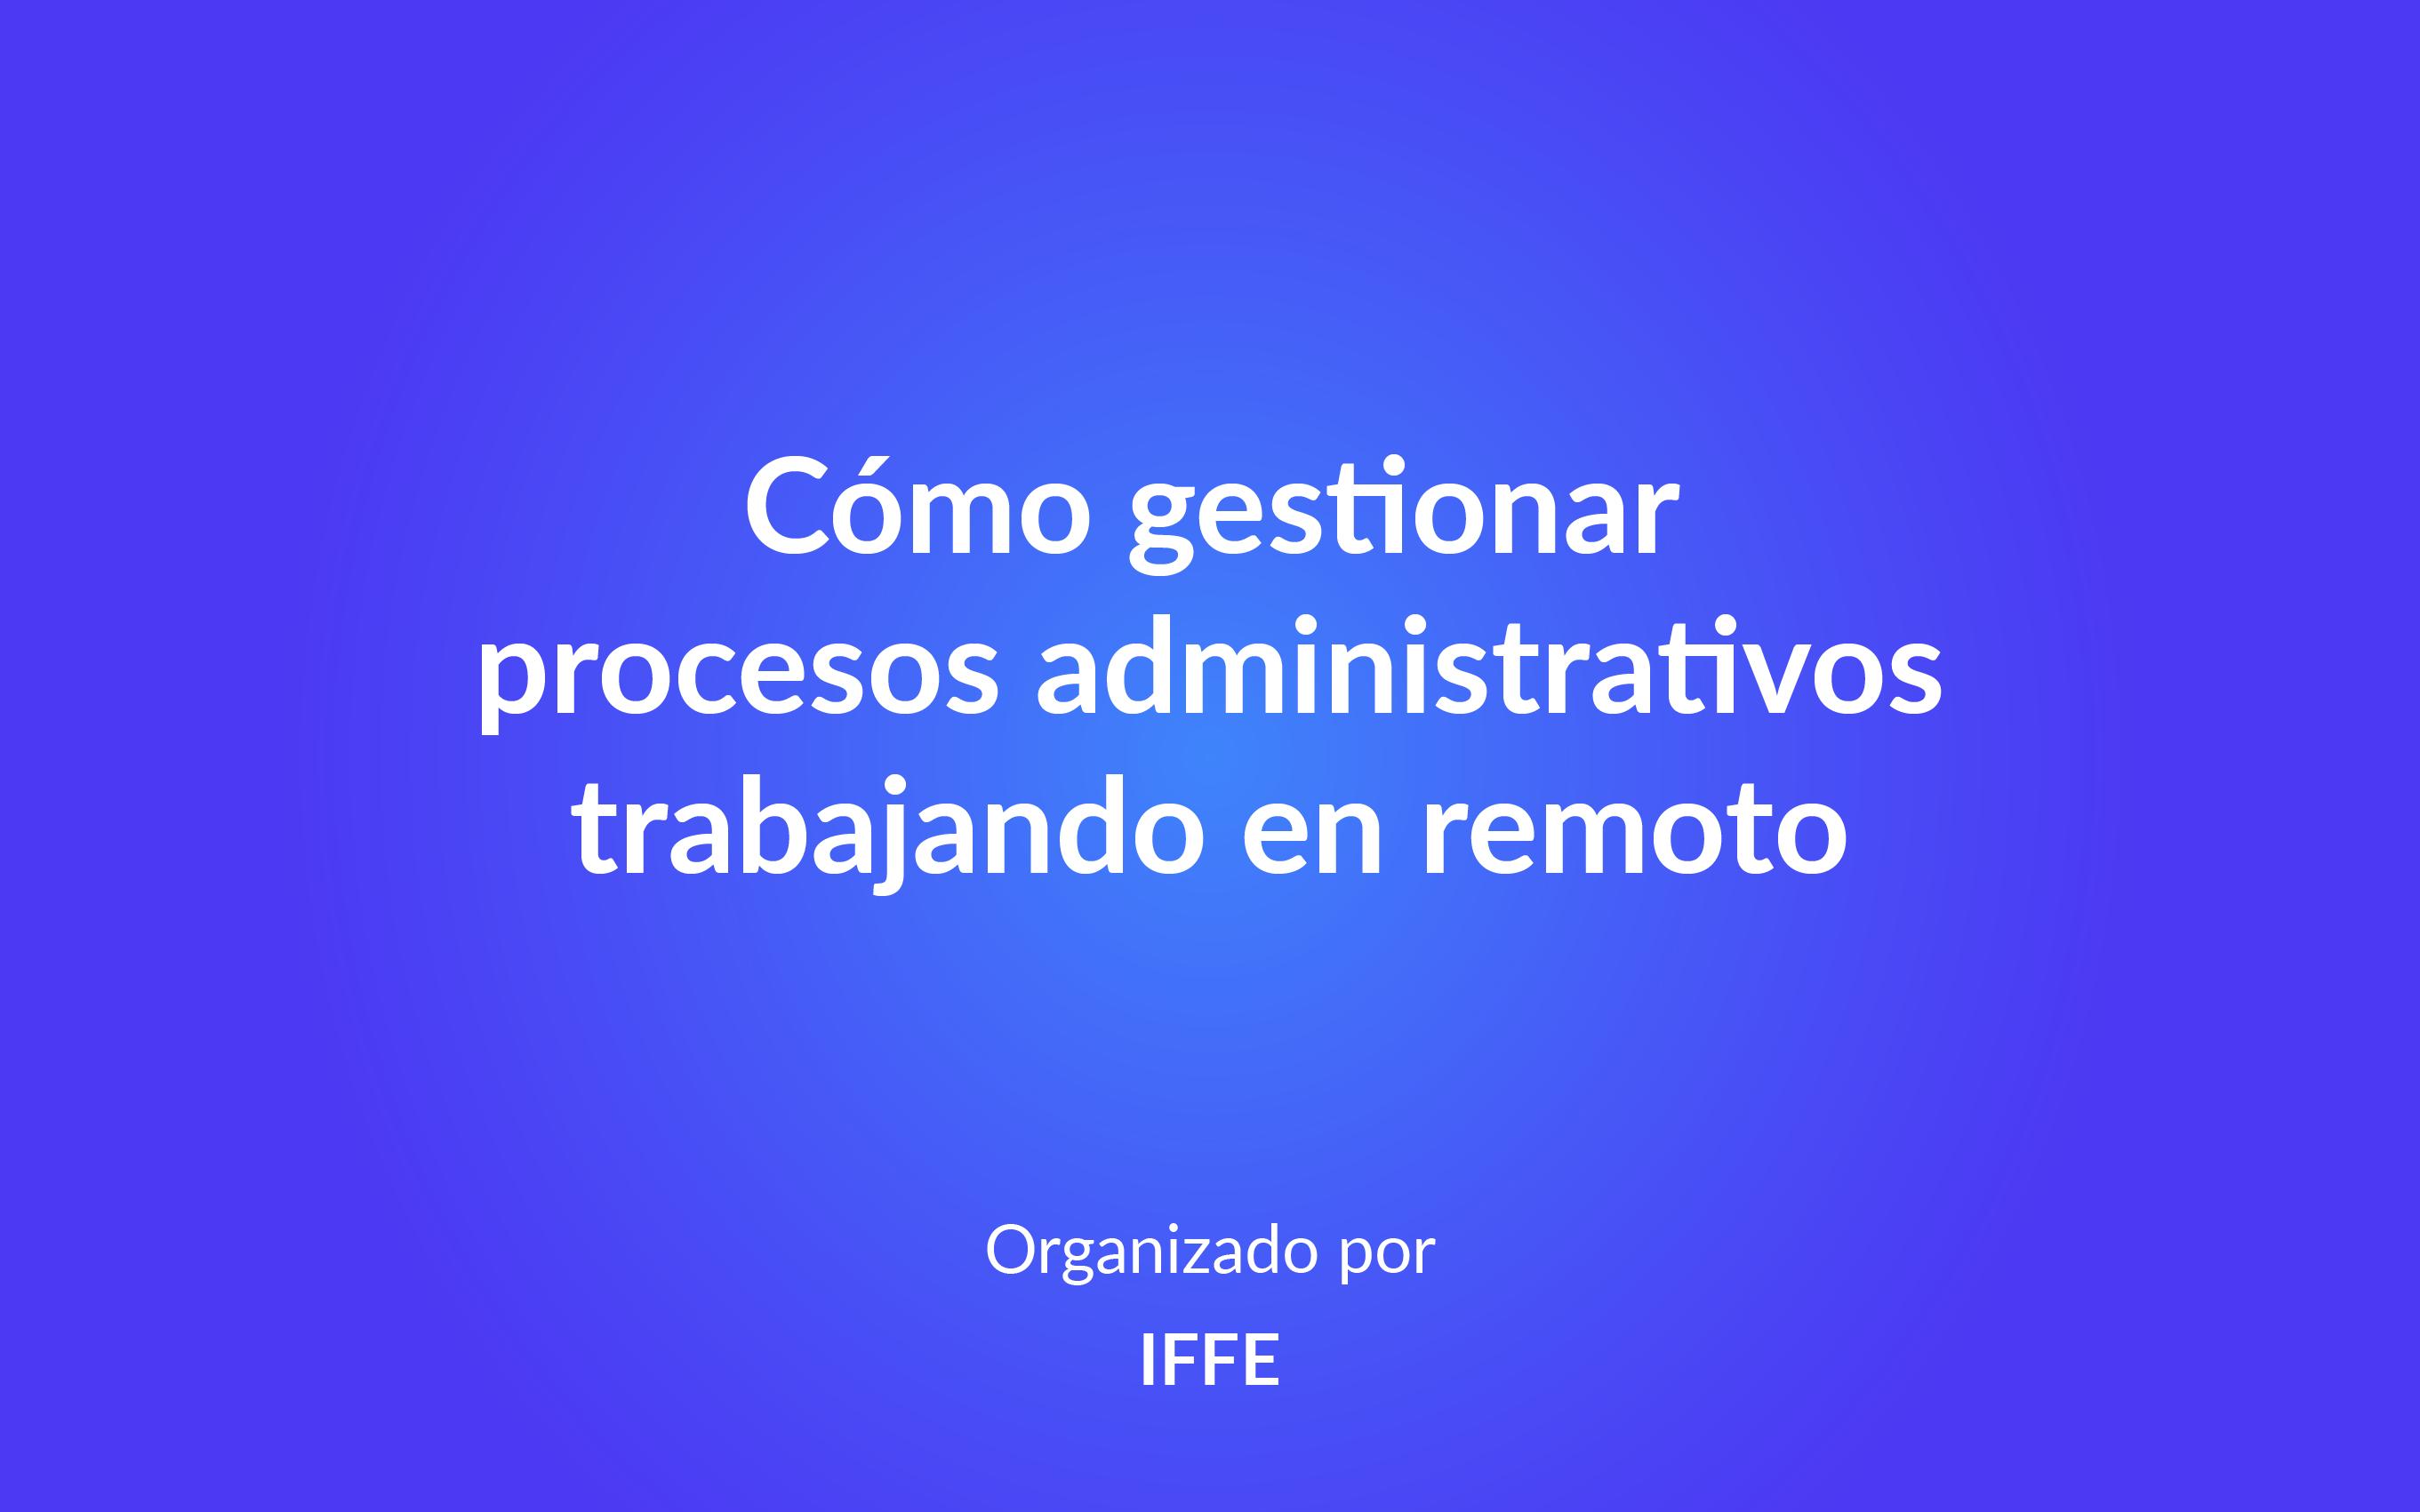 Cómo gestionar procesos administrativos trabajando en remoto